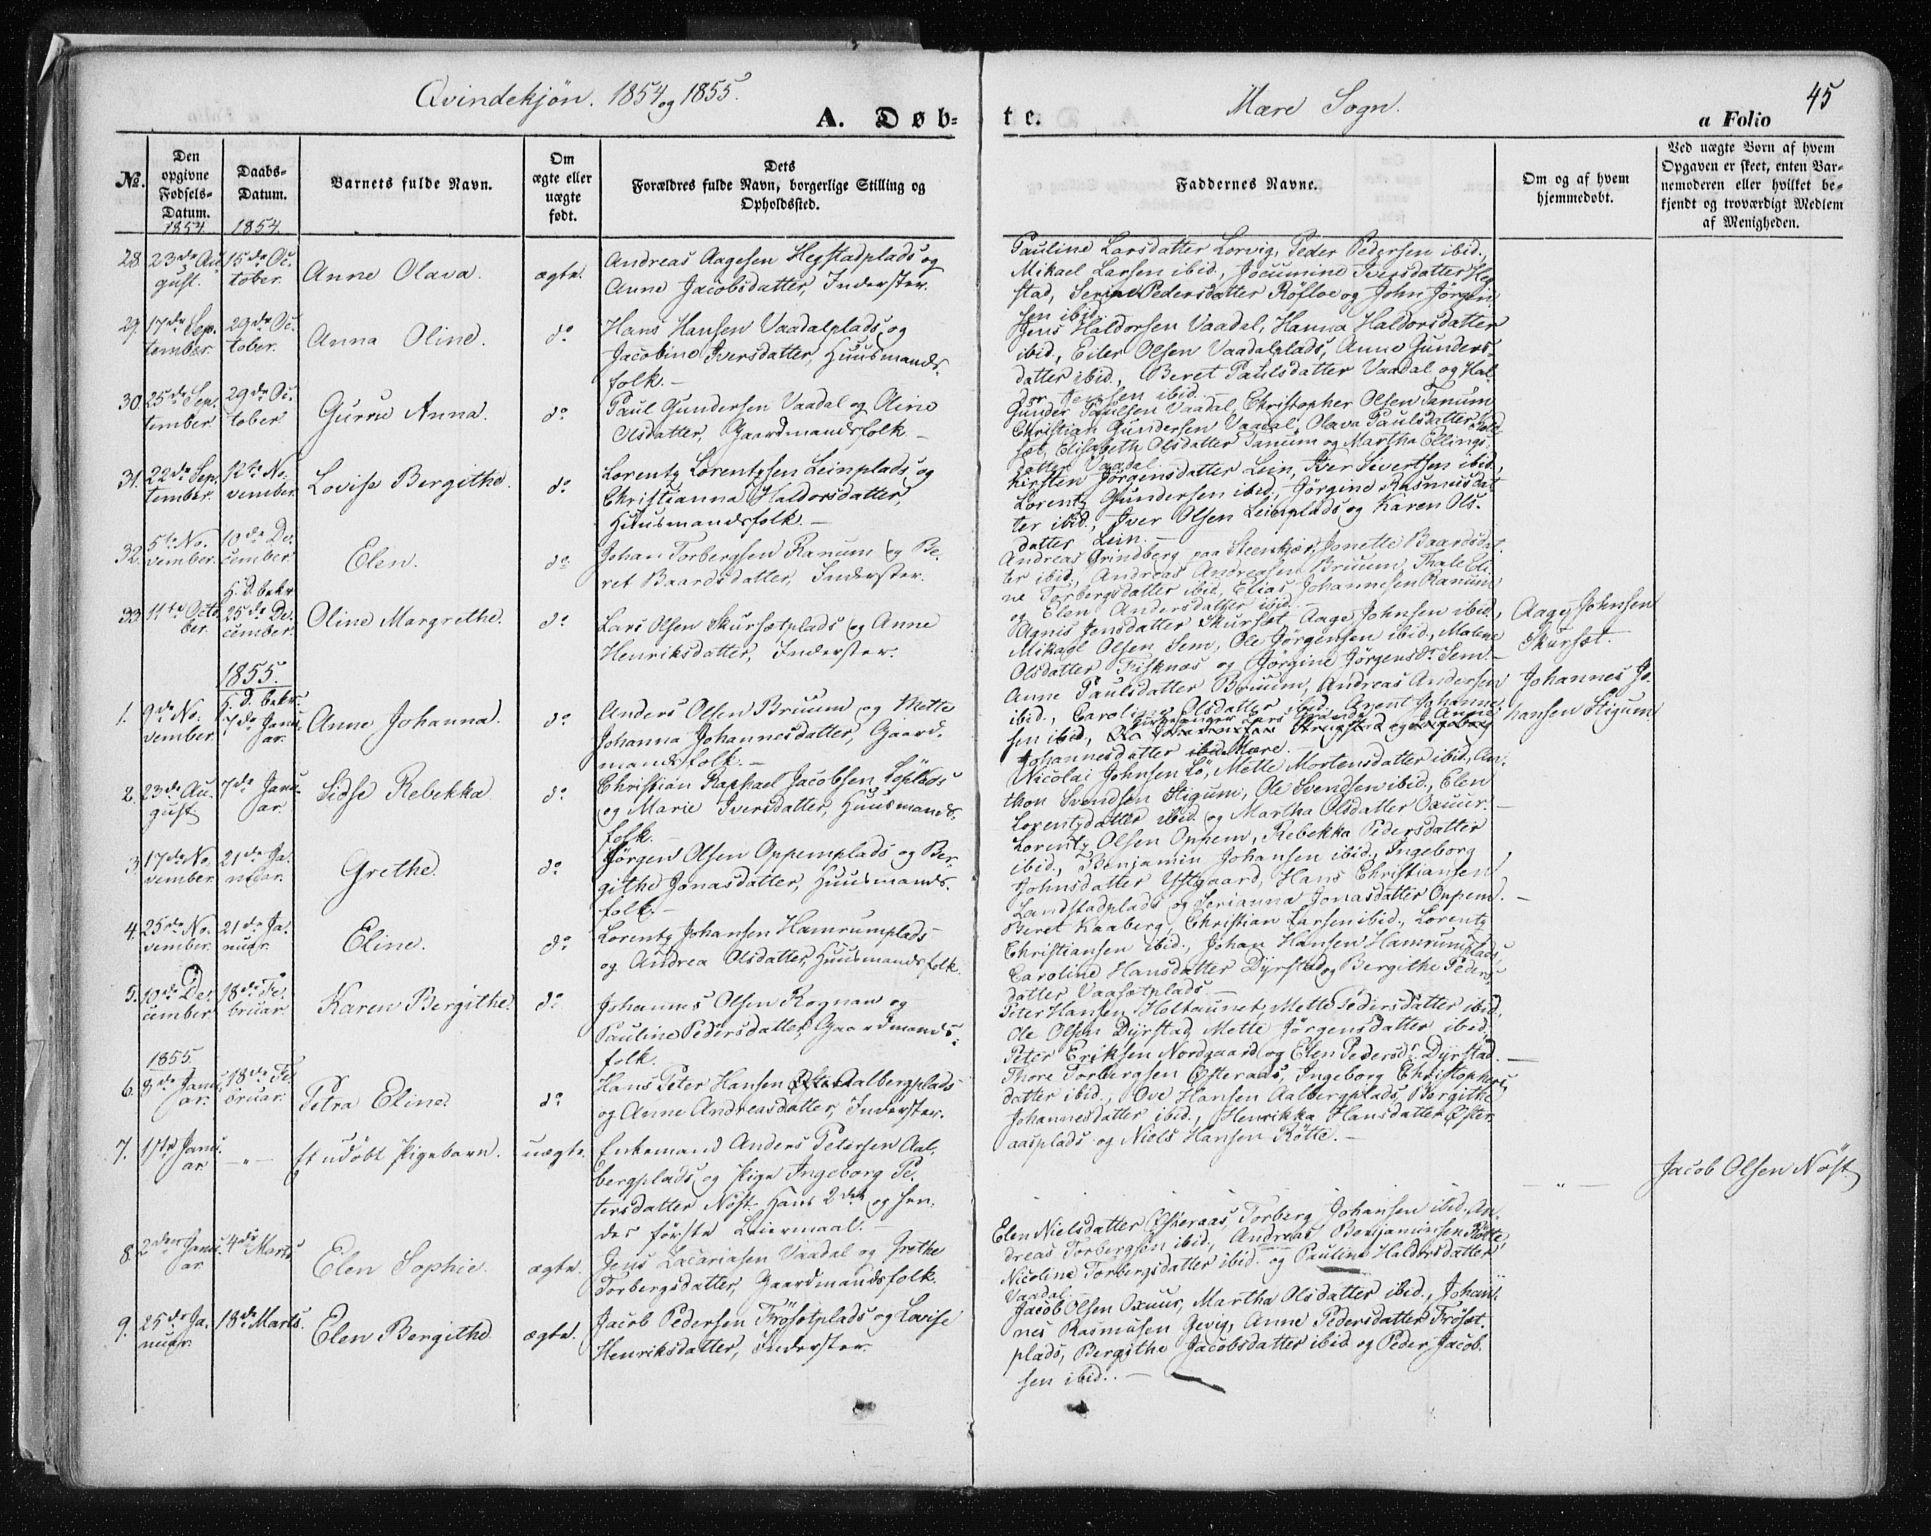 SAT, Ministerialprotokoller, klokkerbøker og fødselsregistre - Nord-Trøndelag, 735/L0342: Ministerialbok nr. 735A07 /1, 1849-1862, s. 45